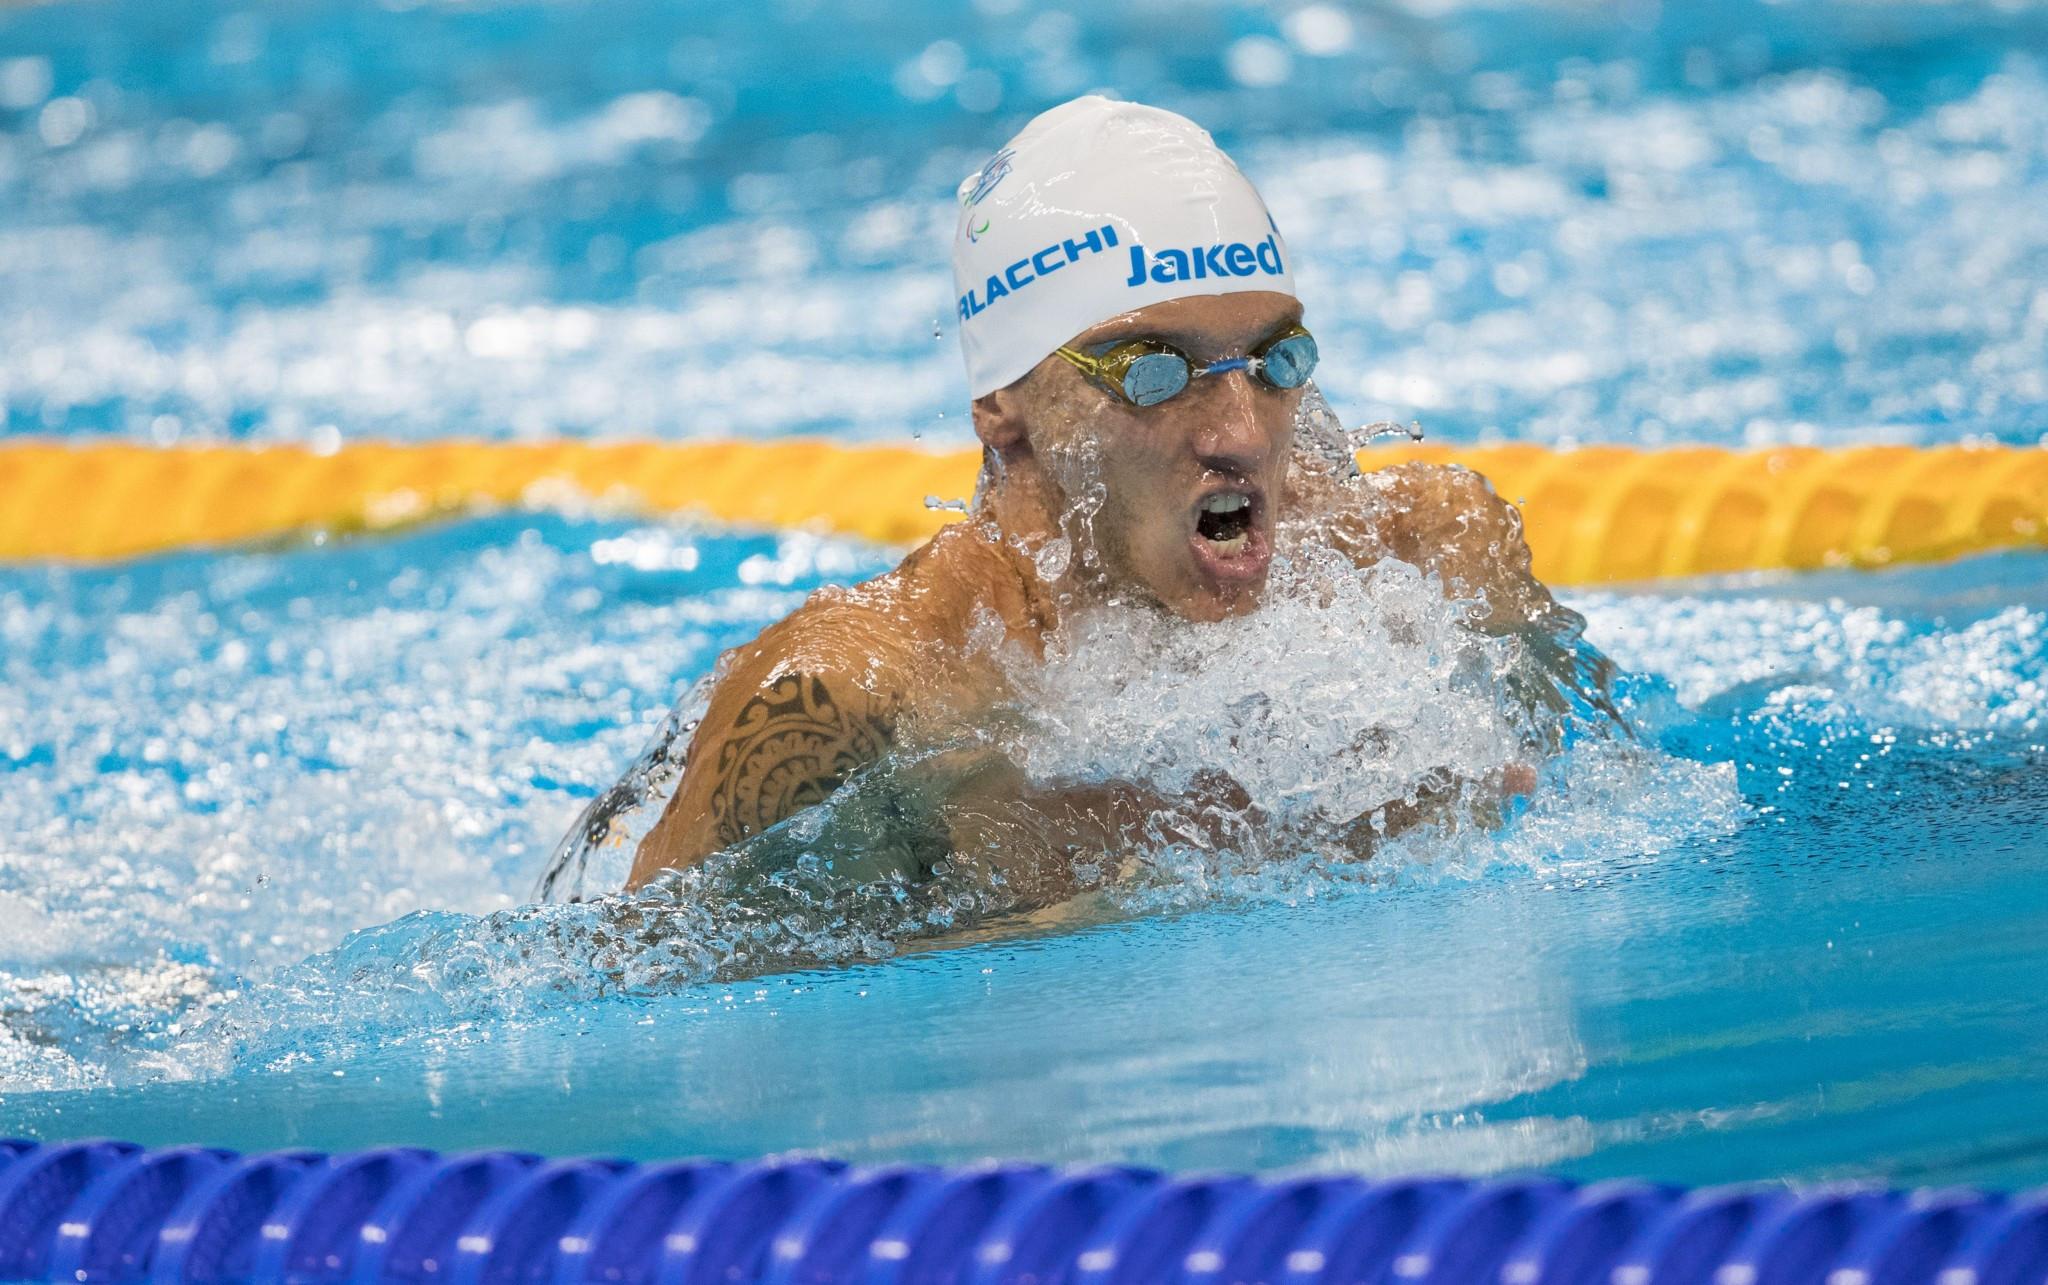 Rio 2016 winners headline Italian team for World Para Swimming Championships